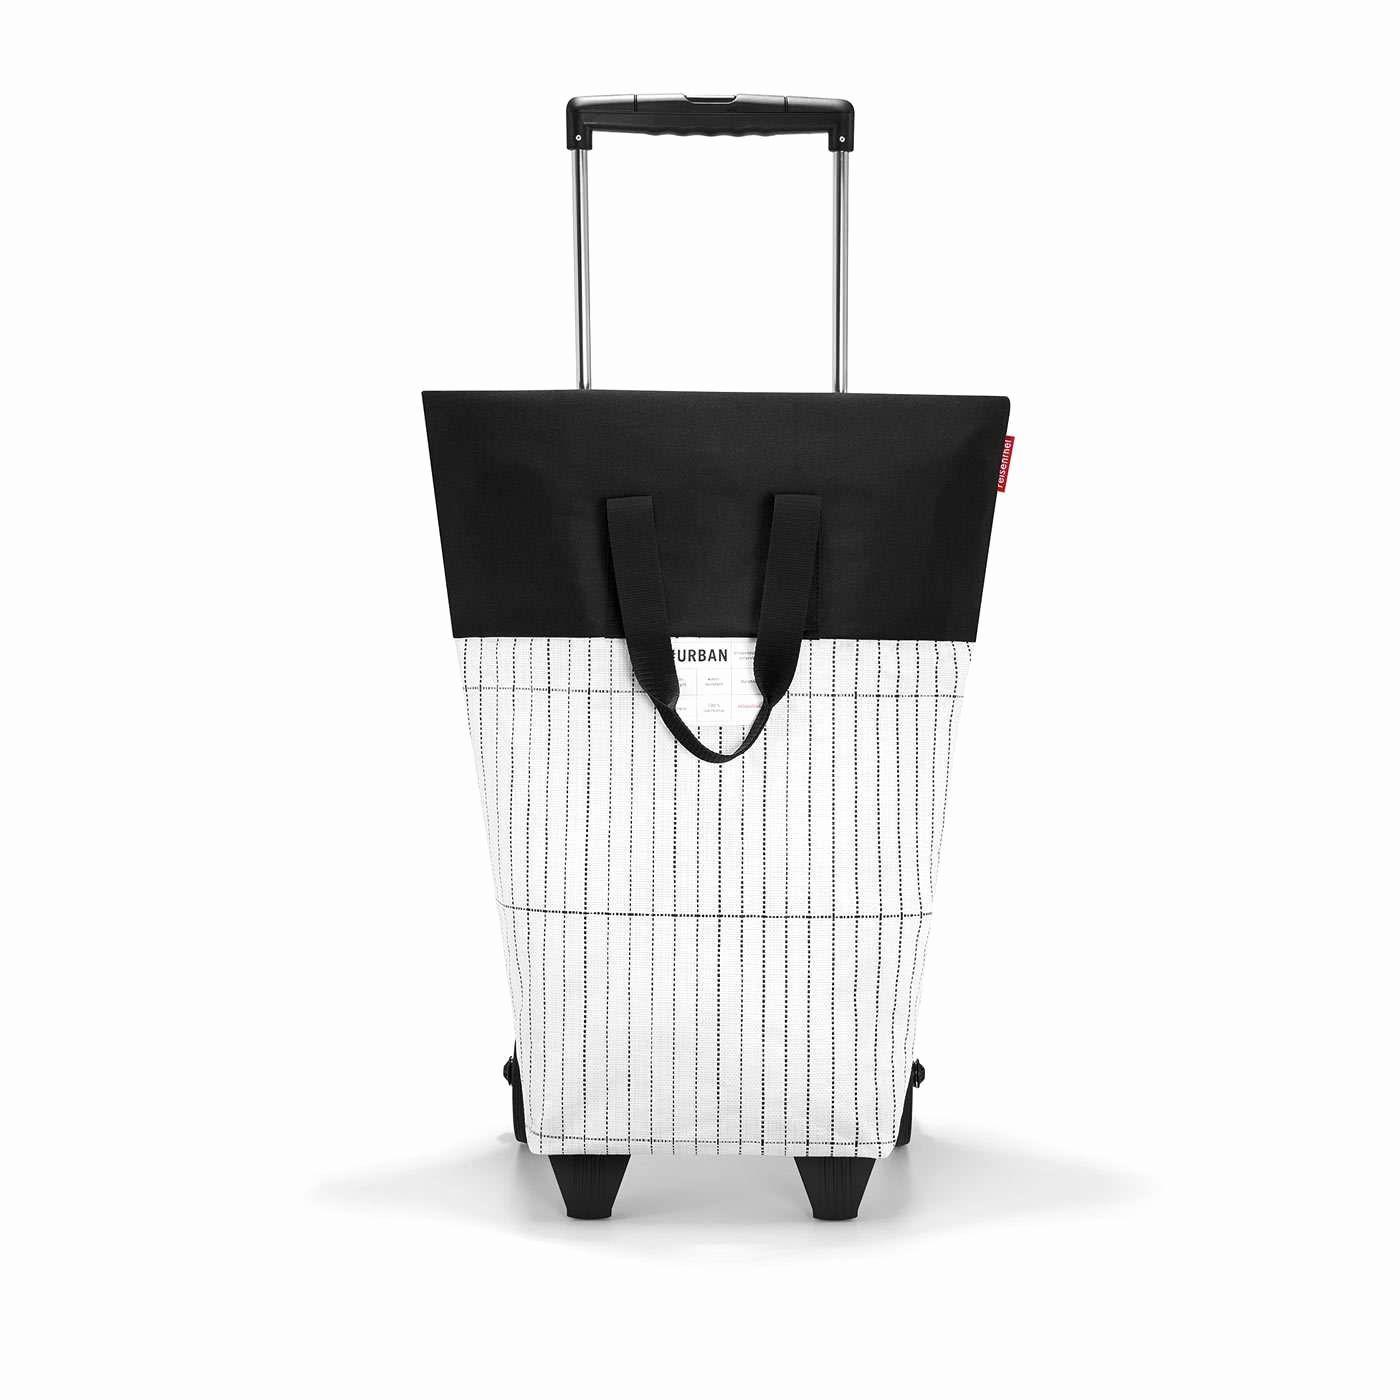 14 Badezimmer Hocker Mit Aufbewahrung In 2021 Laundry Organization Urban Organization